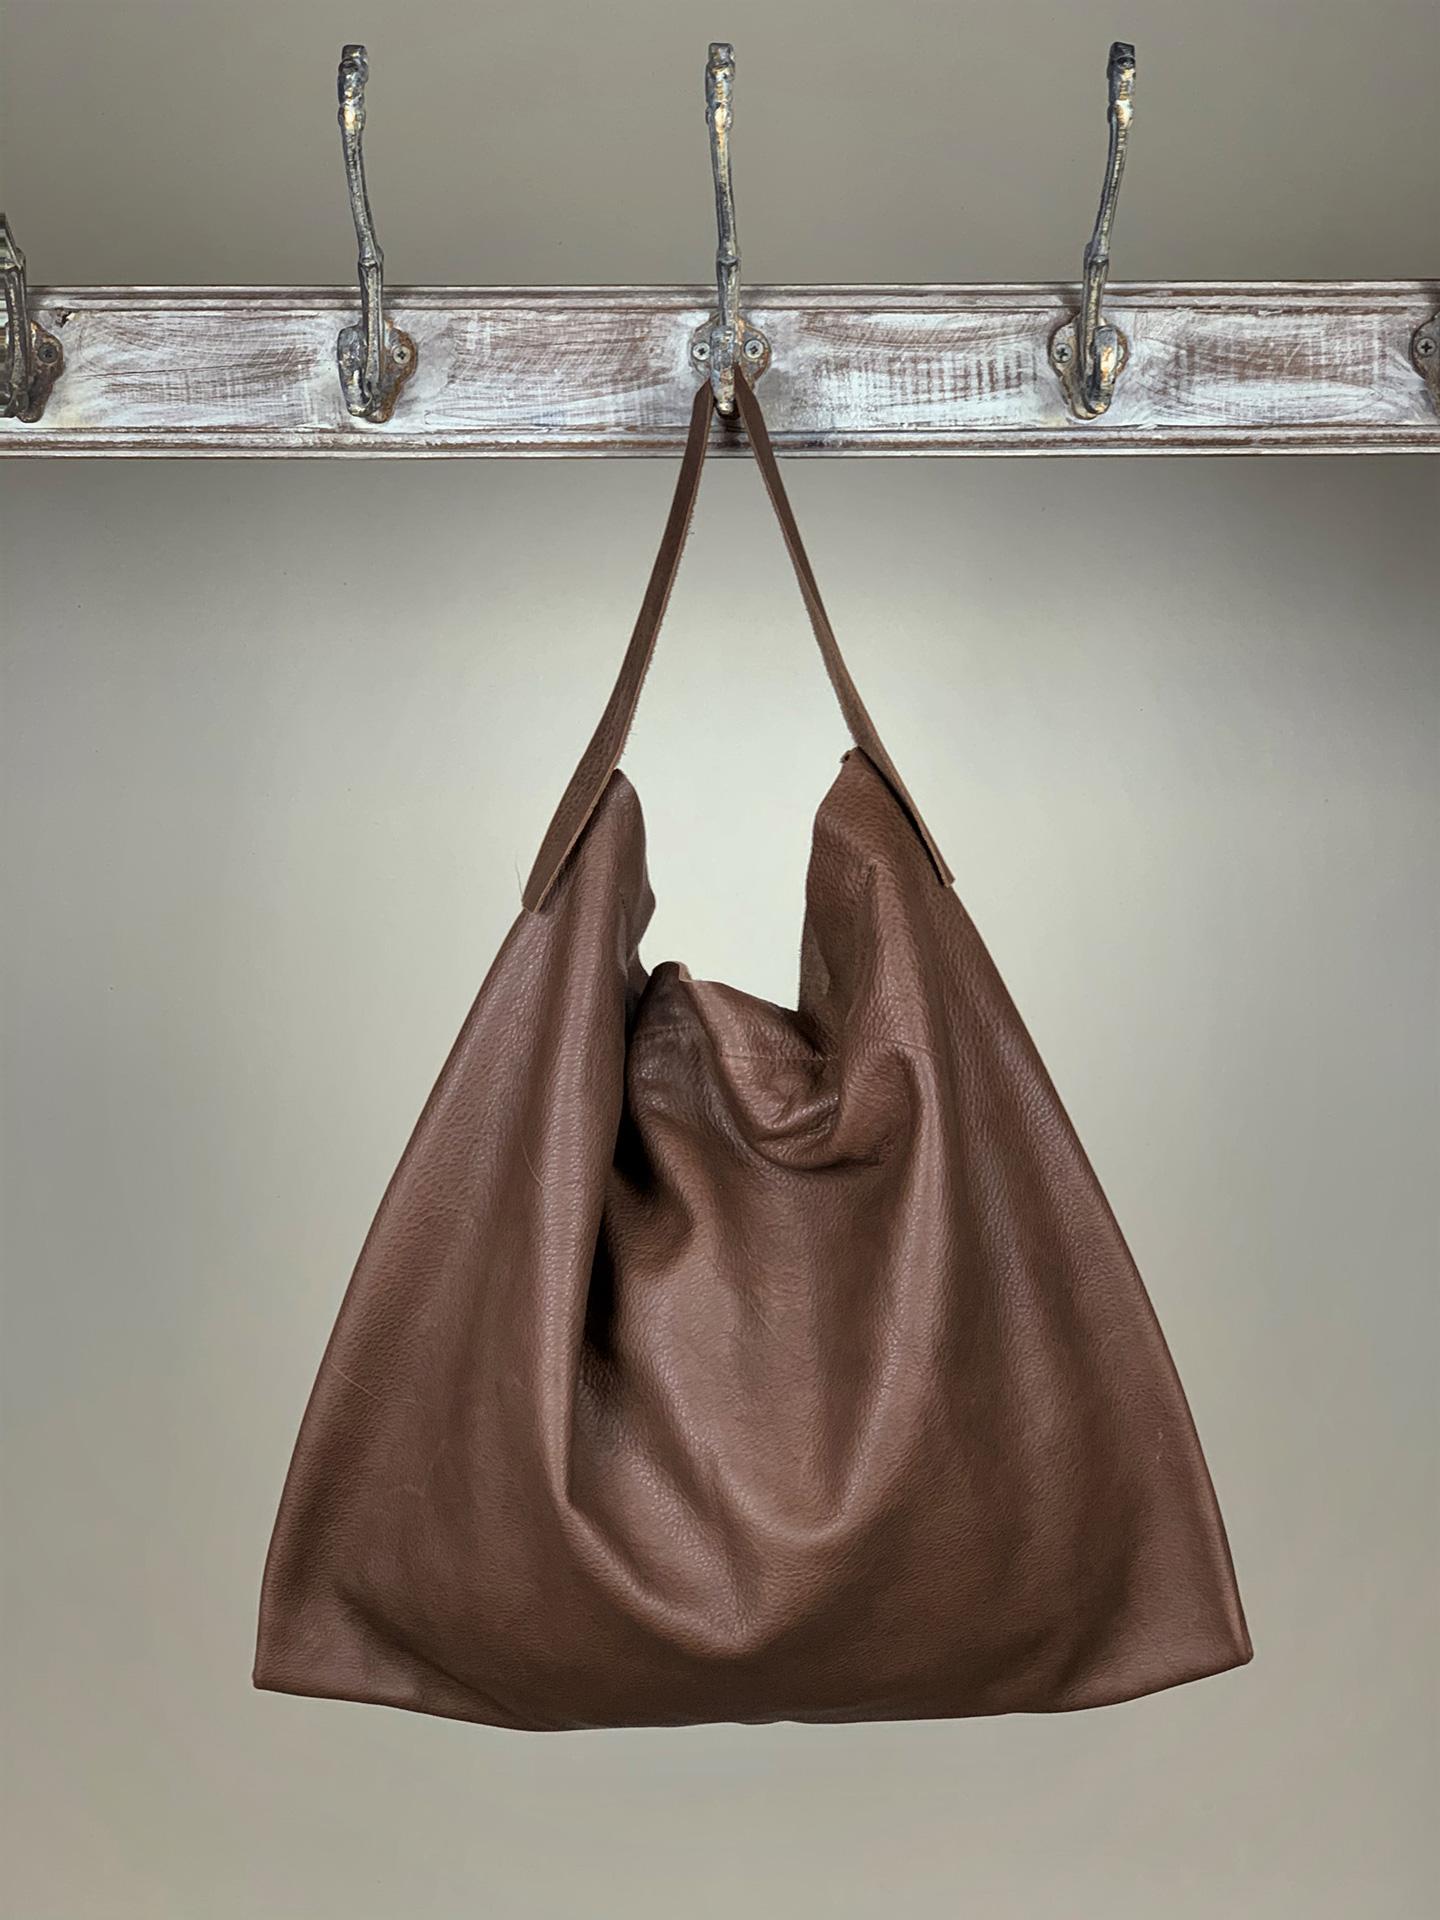 Damen-Handtasche Leder Braun